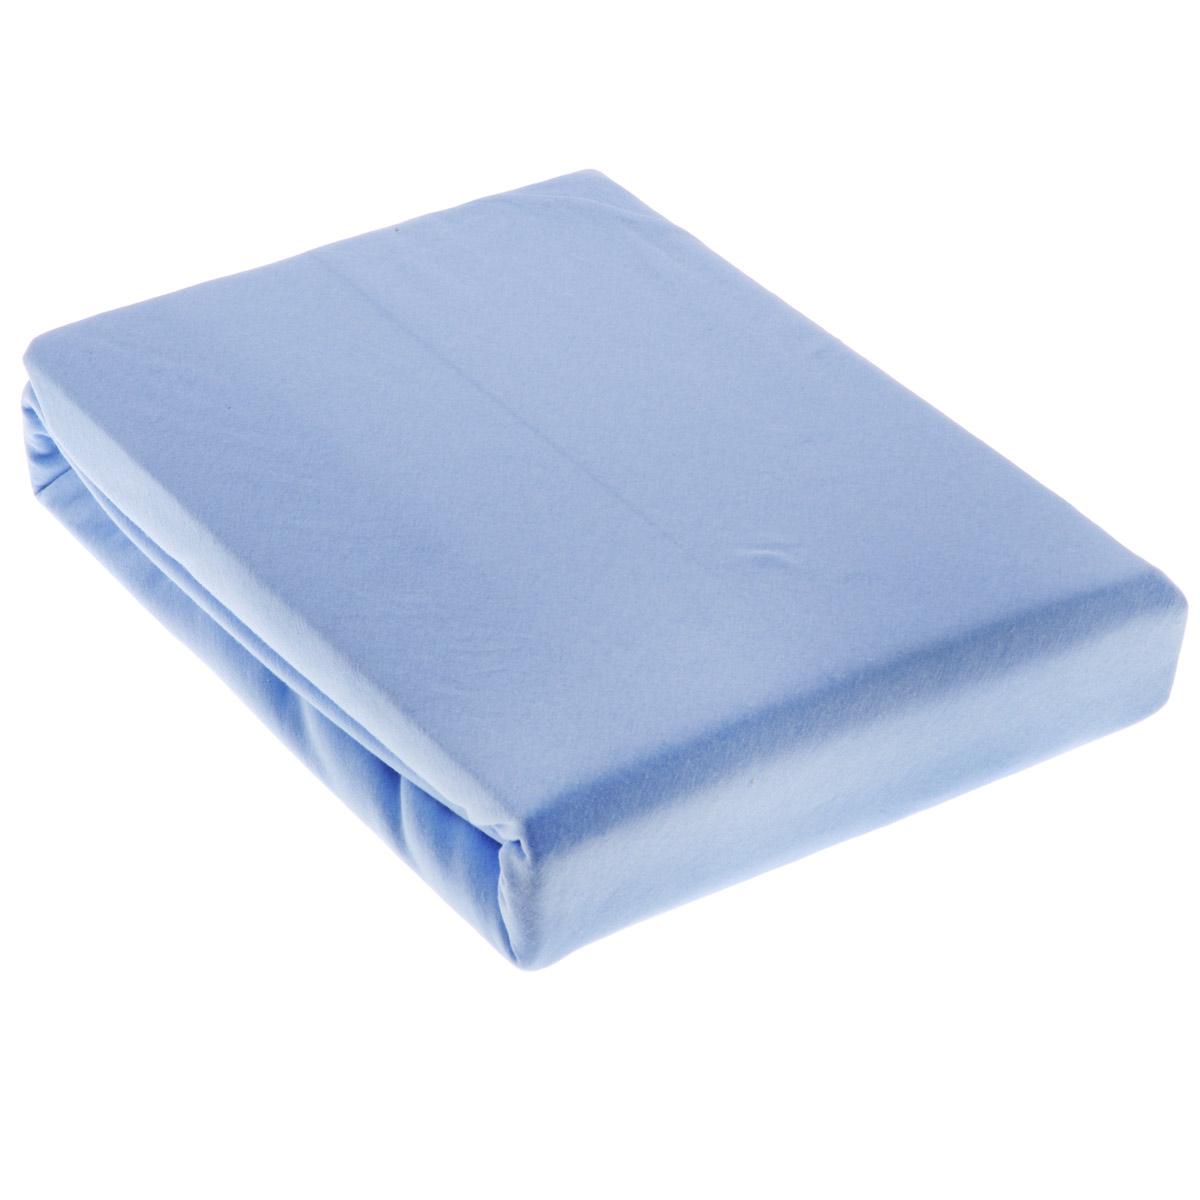 Простыня OL-Tex Джерси, на резинке, цвет: голубой, 180 х 200 х 20 см531-105Простыня OL-Tex Джерси изготовлена из гладкокрашеного трикотажного полотна, не имеет швов. По всему периметру простыня снабжена резинкой. Изделие легко одевается на матрасы высотой до 20 см. Идеально подходит в качестве наматрасника. Рекомендации по уходу:- Ручная и машинная стирка при температуре 30°С.- Гладить при средней температуре до 150°С.- Не отбеливать. - Можно сушить и отжимать в стиральной машине. - Химчистка запрещена.